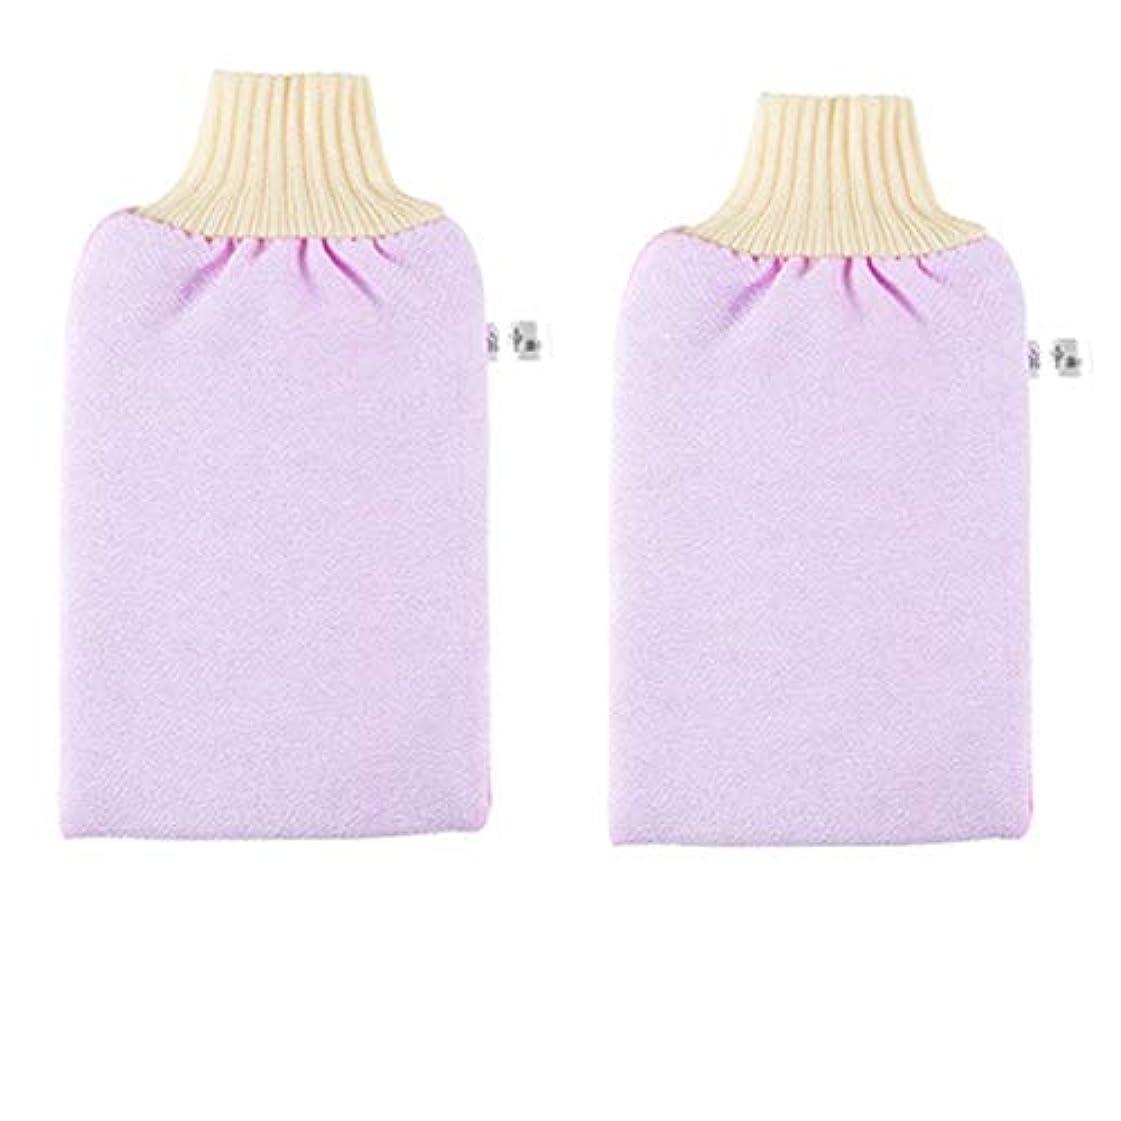 反逆者協会実業家BTXXYJP お風呂用手袋 シャワー手袋 あかすり ボディブラシ やわらか ボディタオル 角質除去 (Color : Pink-2 packs)